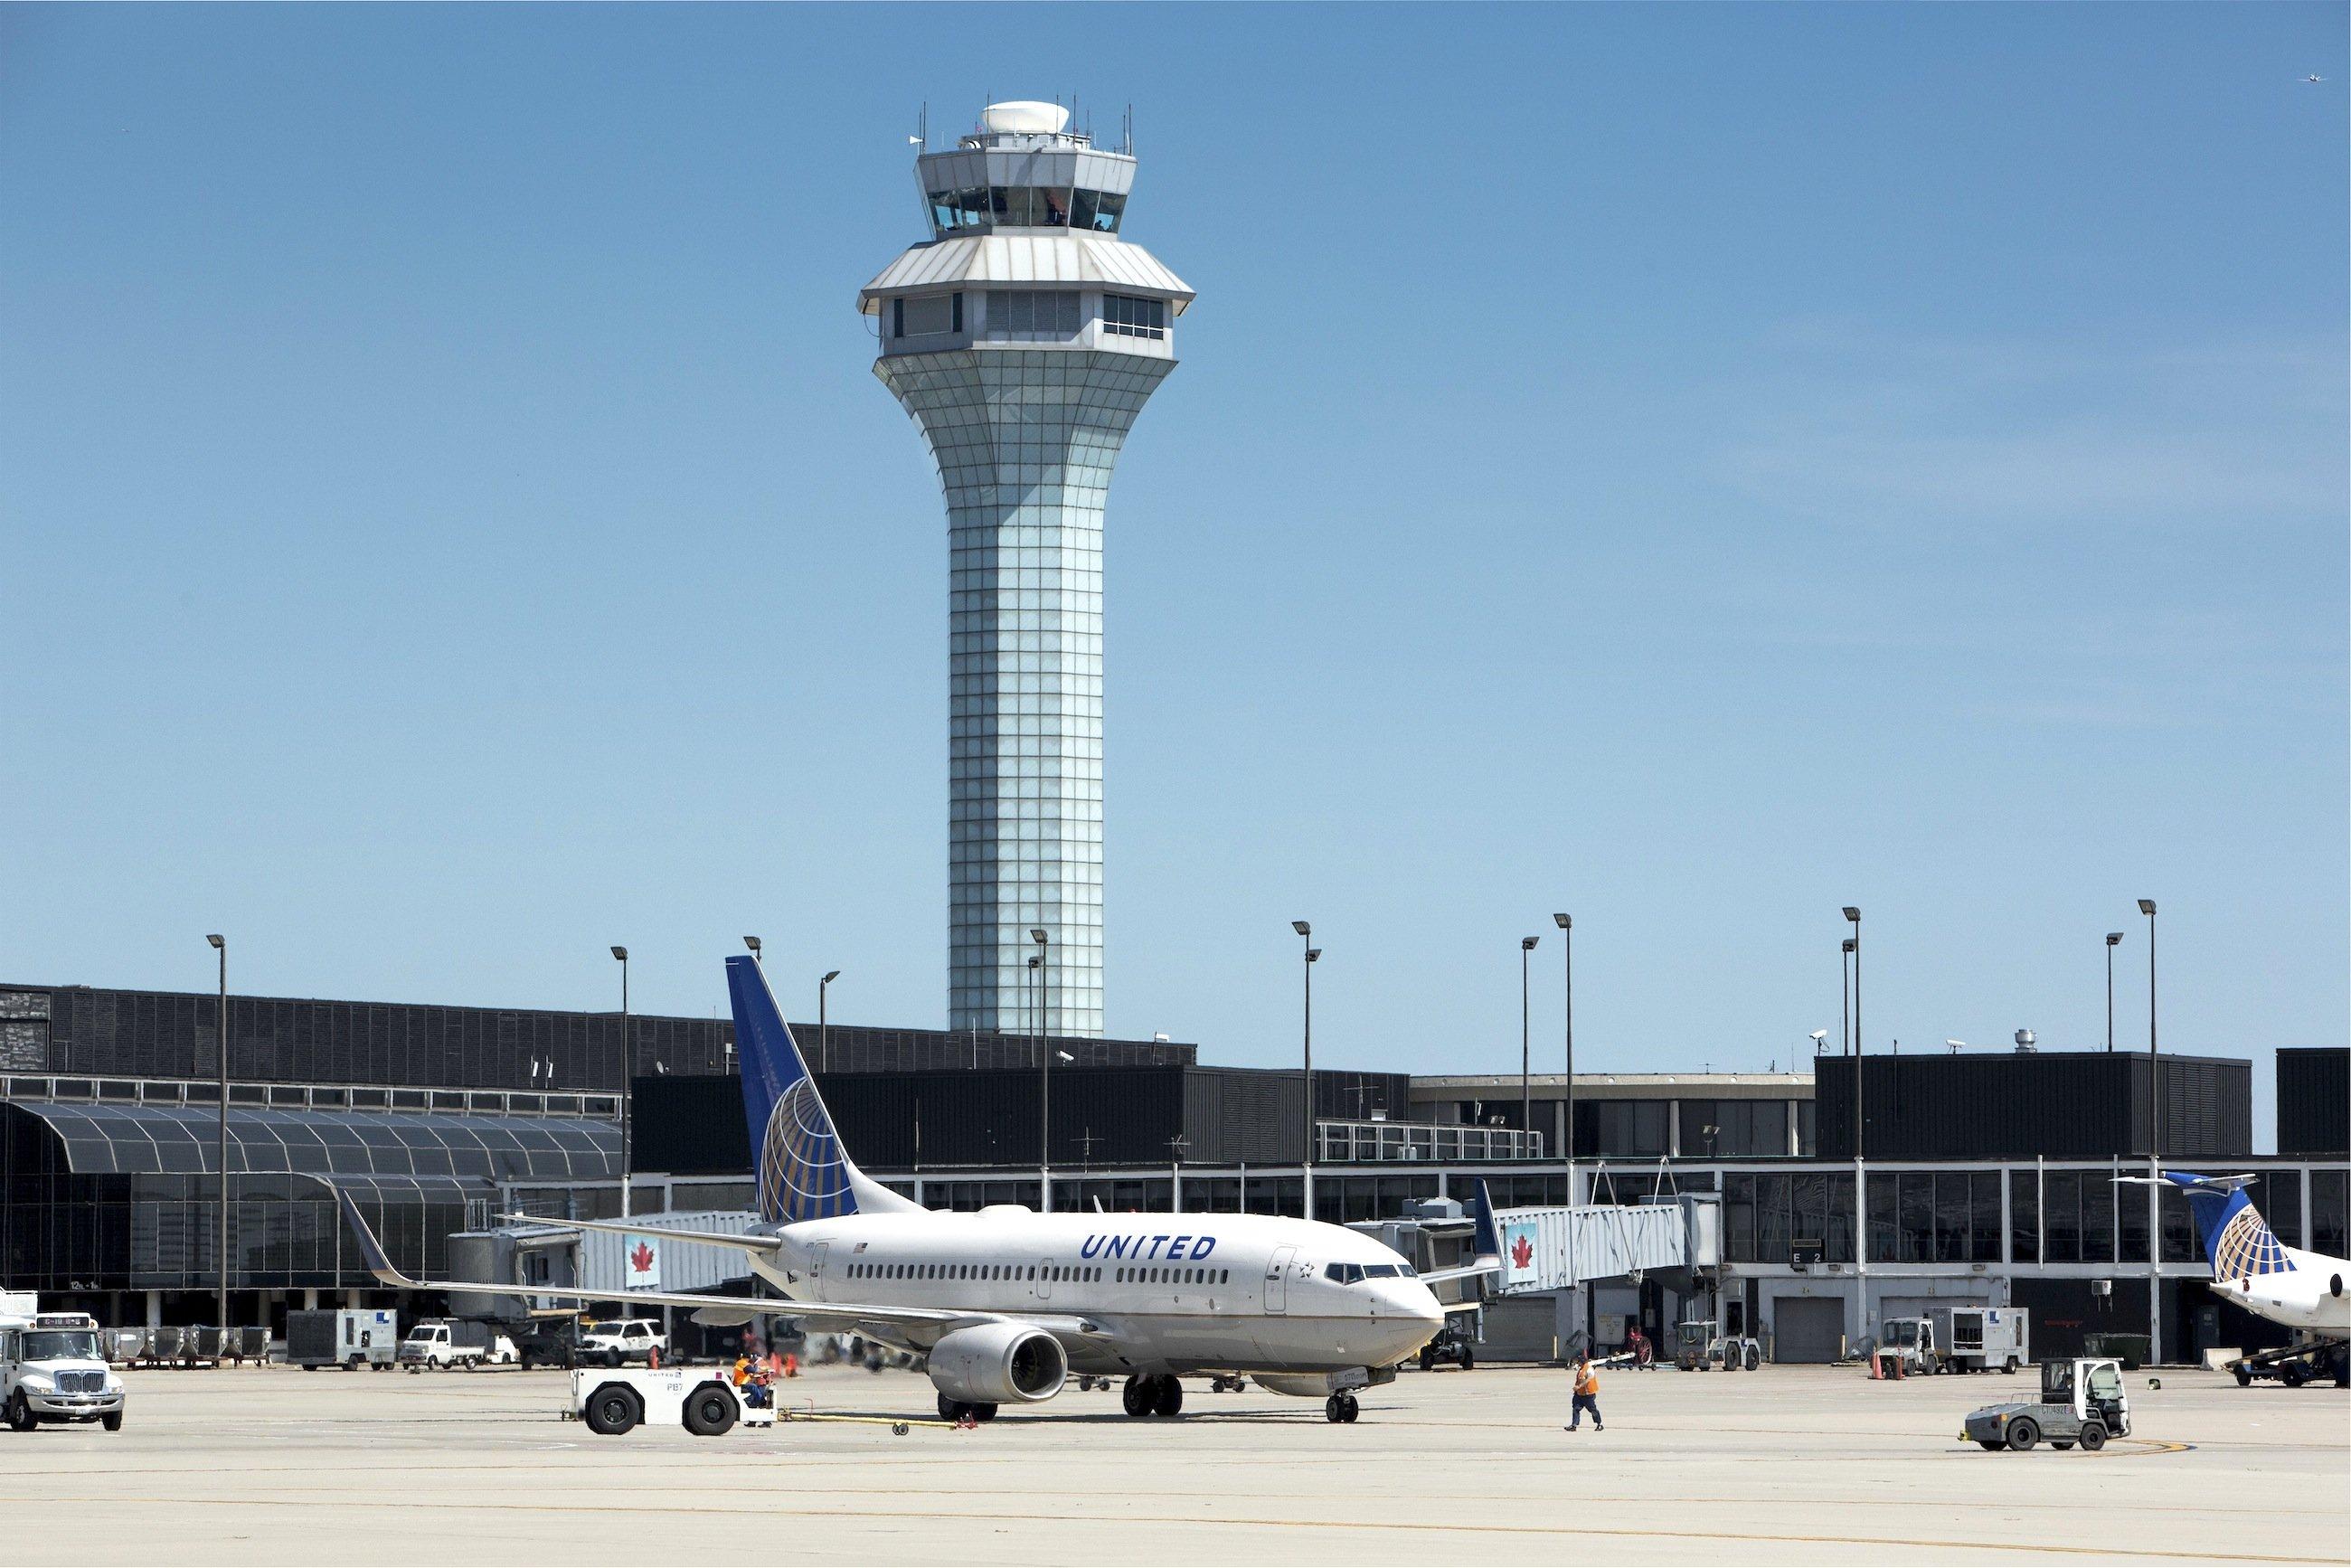 Boeing 737 der United Airways auf dem Chicago O'Hare International Airport: United ist weltweit eine der größten Fluglinien und Partner der Lufthansa in der Star Alliance.